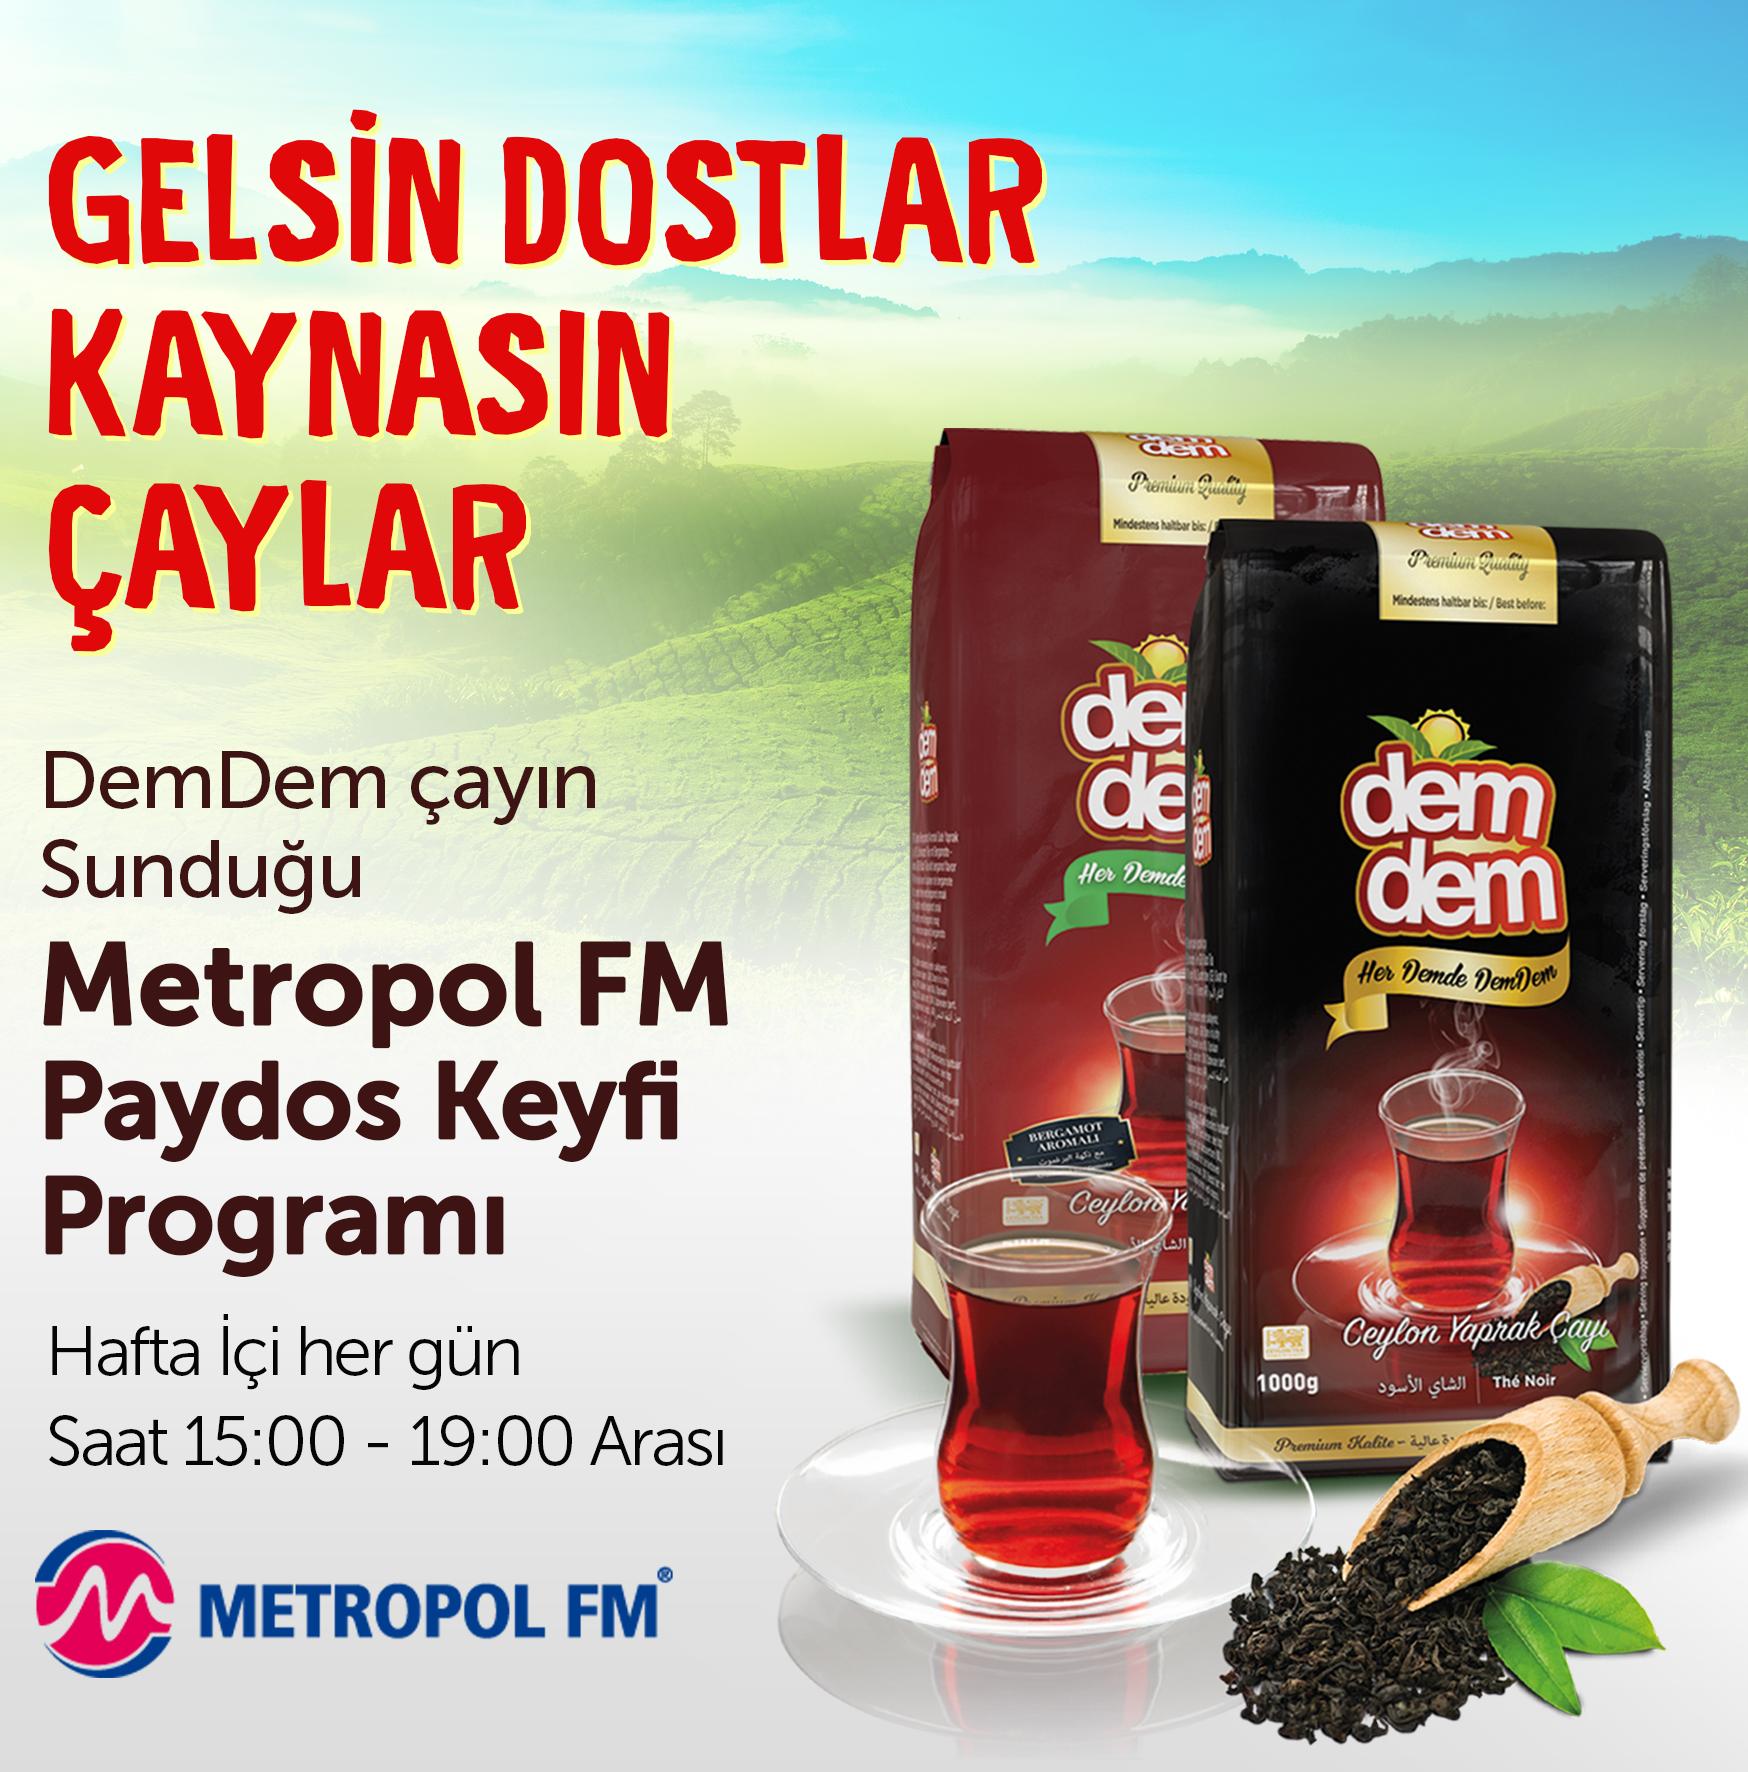 METROPOL FM PAYDOS KEYFİ